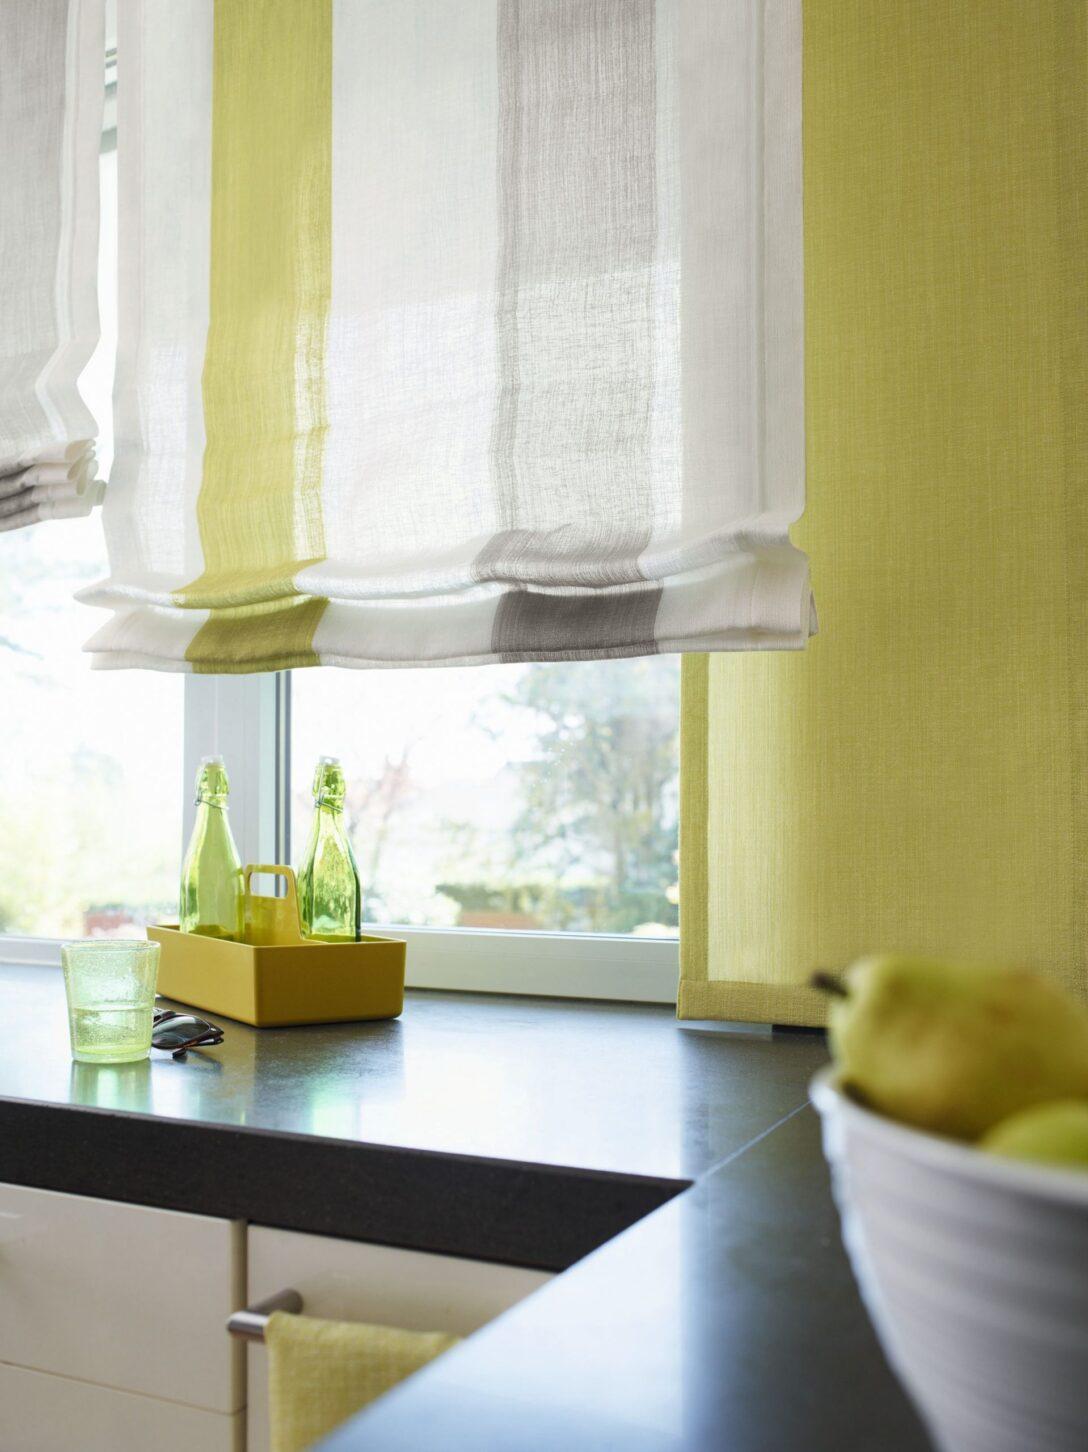 Large Size of Raffrollo Mit Schlaufen Modern Kche Kaffee Beige Grn Fliesenspiegel Deckenlampen Wohnzimmer Eckküche Elektrogeräten Küche Günstig Moderne Duschen Fenster Wohnzimmer Raffrollo Mit Schlaufen Modern